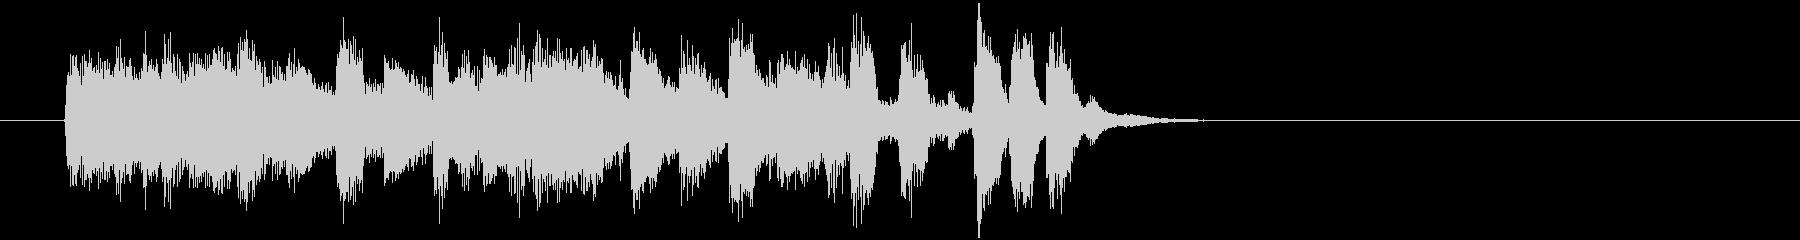 ジングル(ボサノバ・タッチ)の未再生の波形